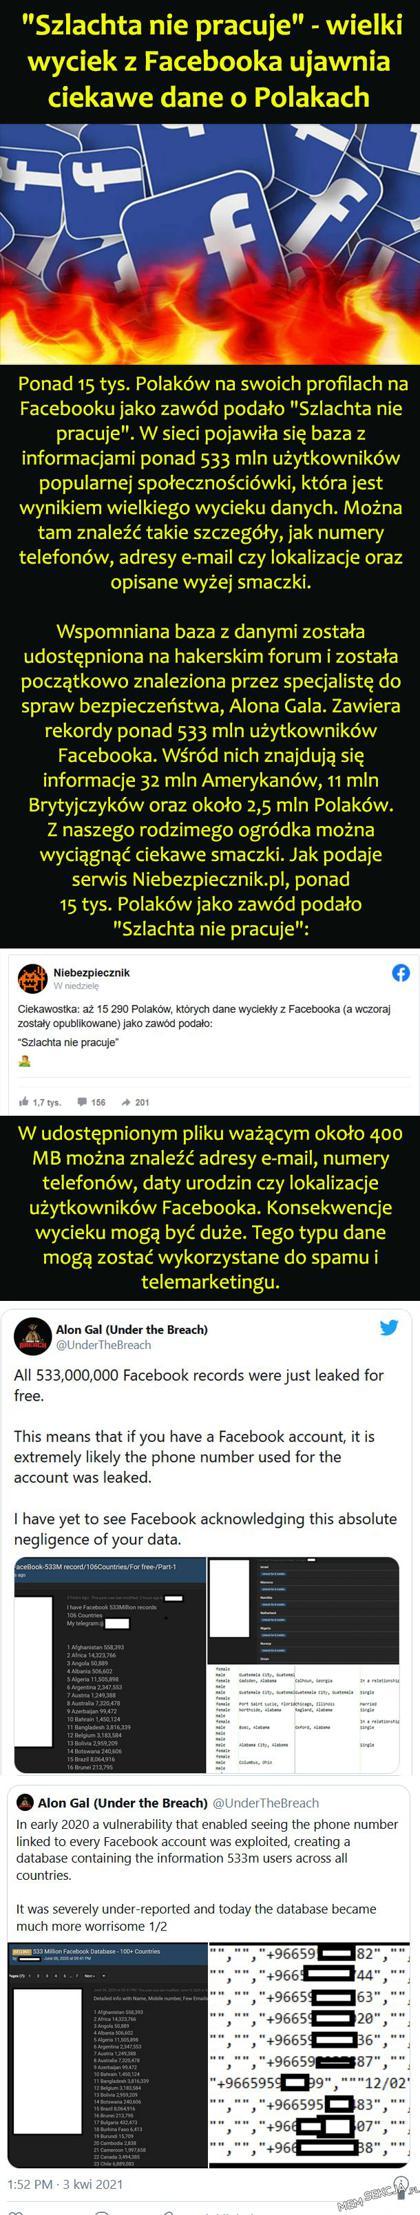 Wyciek danych z Facebooka